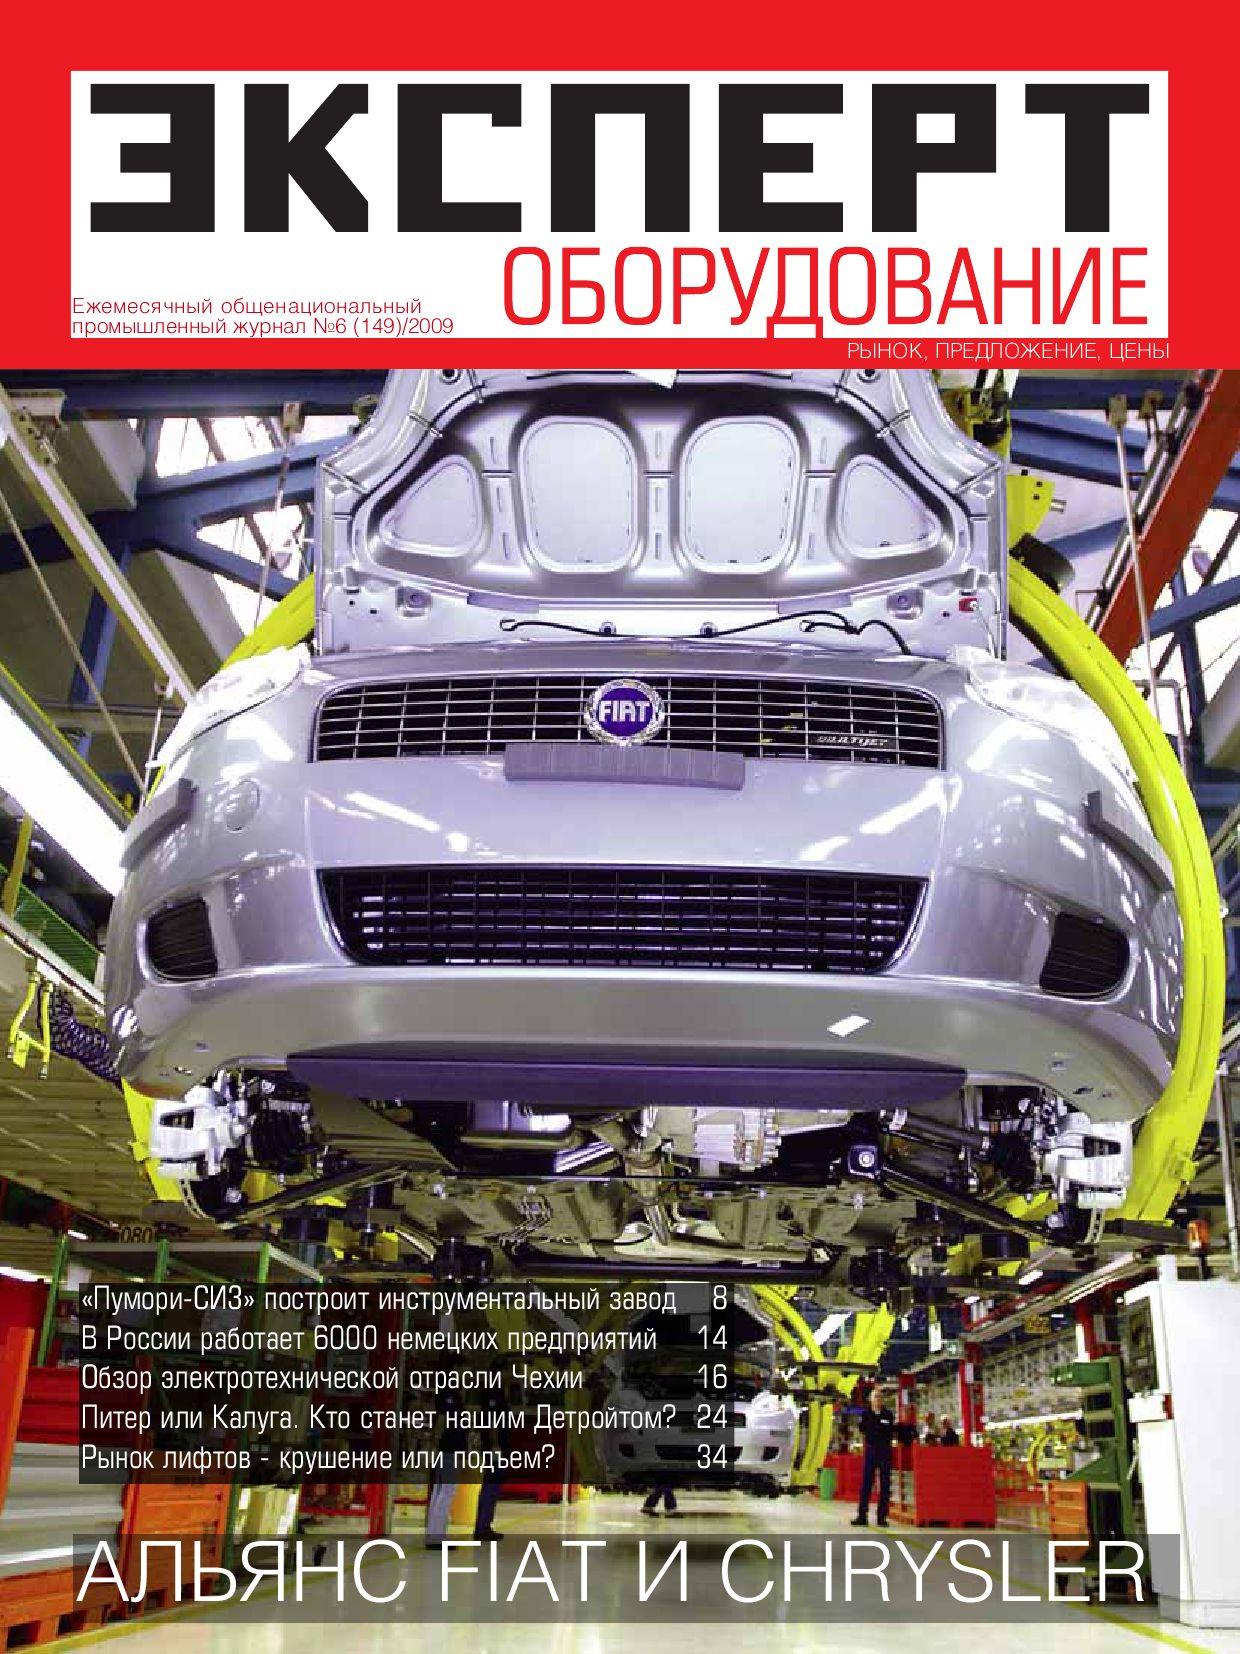 Fiat представил Минпромторгу план развития